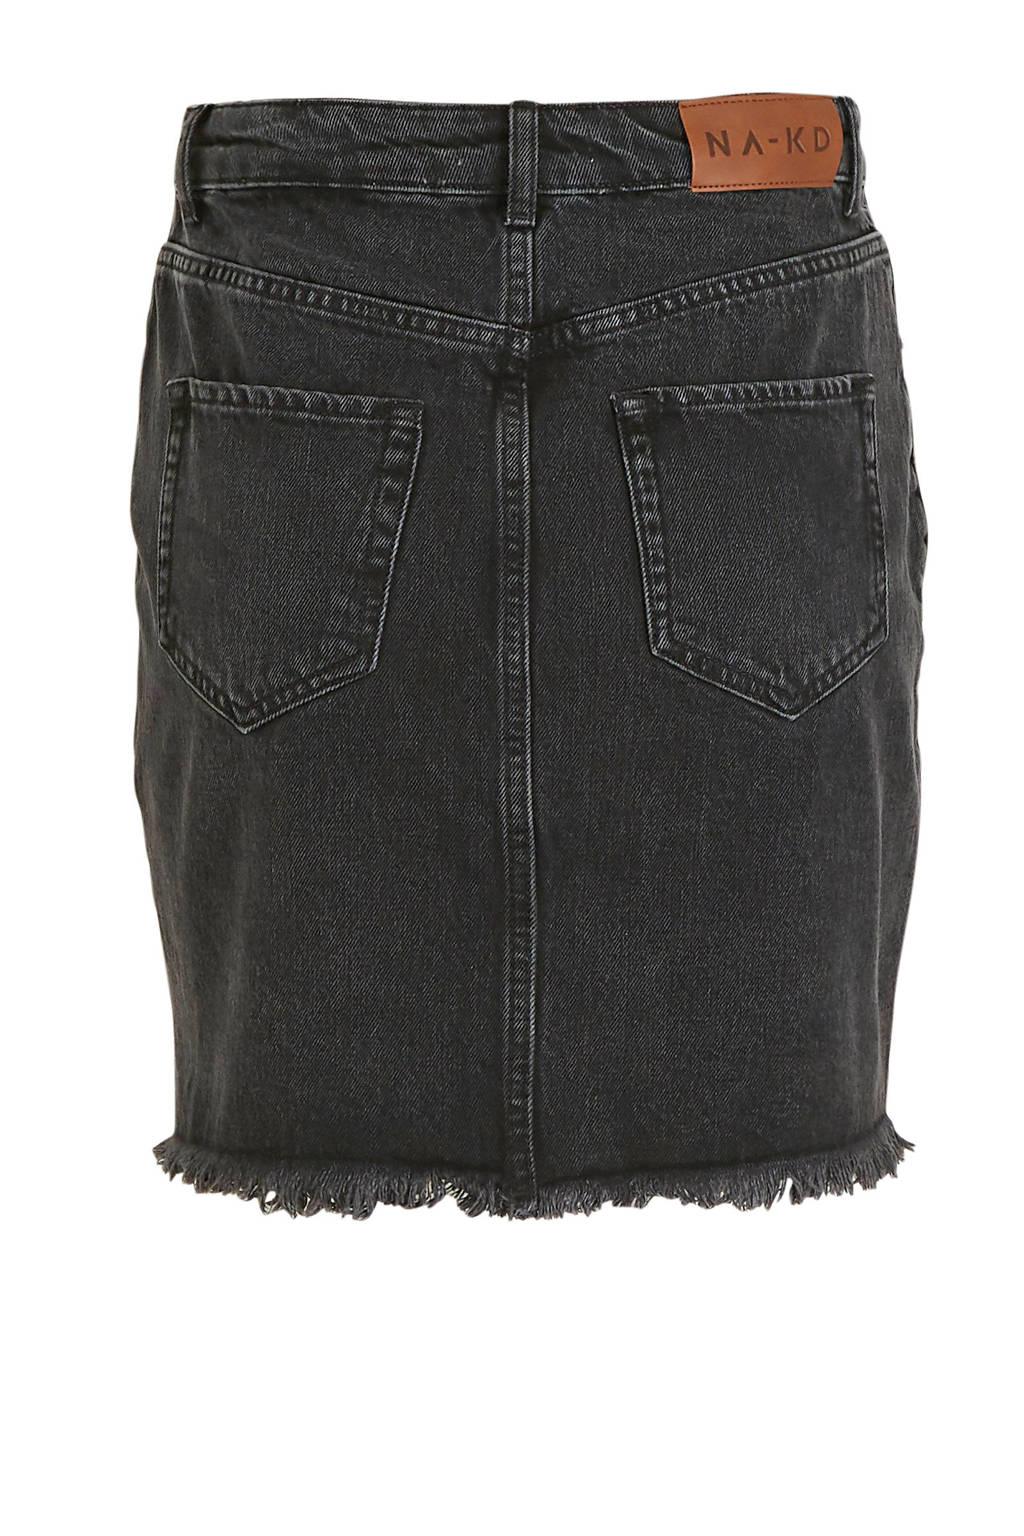 NA-KD spijkerrok, Zwart